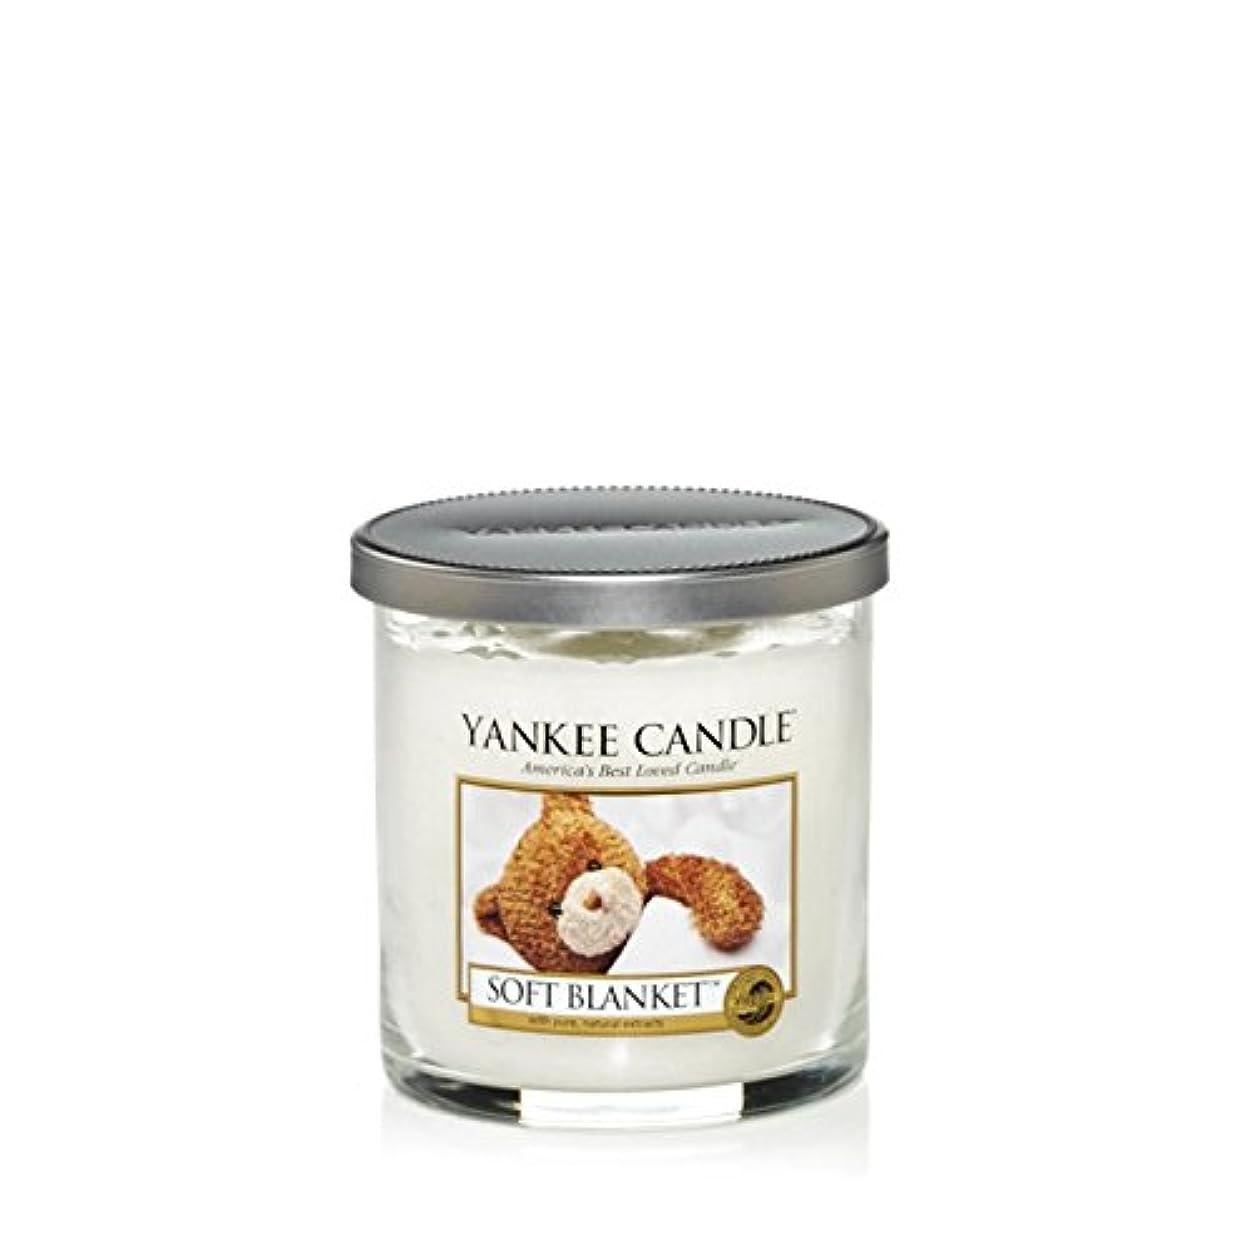 ギャンブルバルコニー集中的なYankee Candles Small Pillar Candle - Soft Blanket (Pack of 2) - ヤンキーキャンドルの小さな柱キャンドル - ソフト毛布 (x2) [並行輸入品]